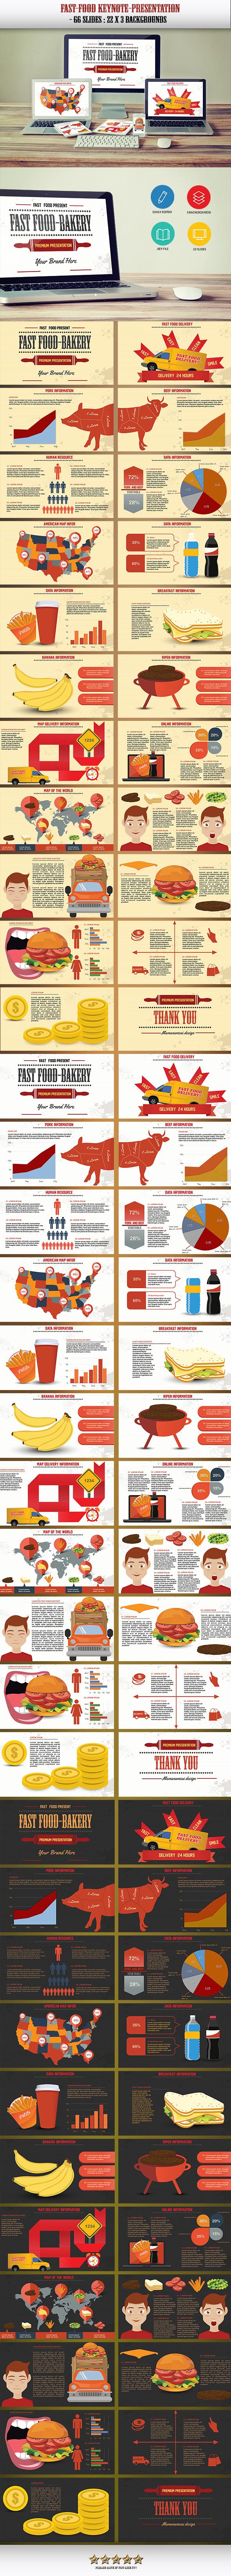 Fast Food Keynote Presentation - Keynote Templates Presentation Templates